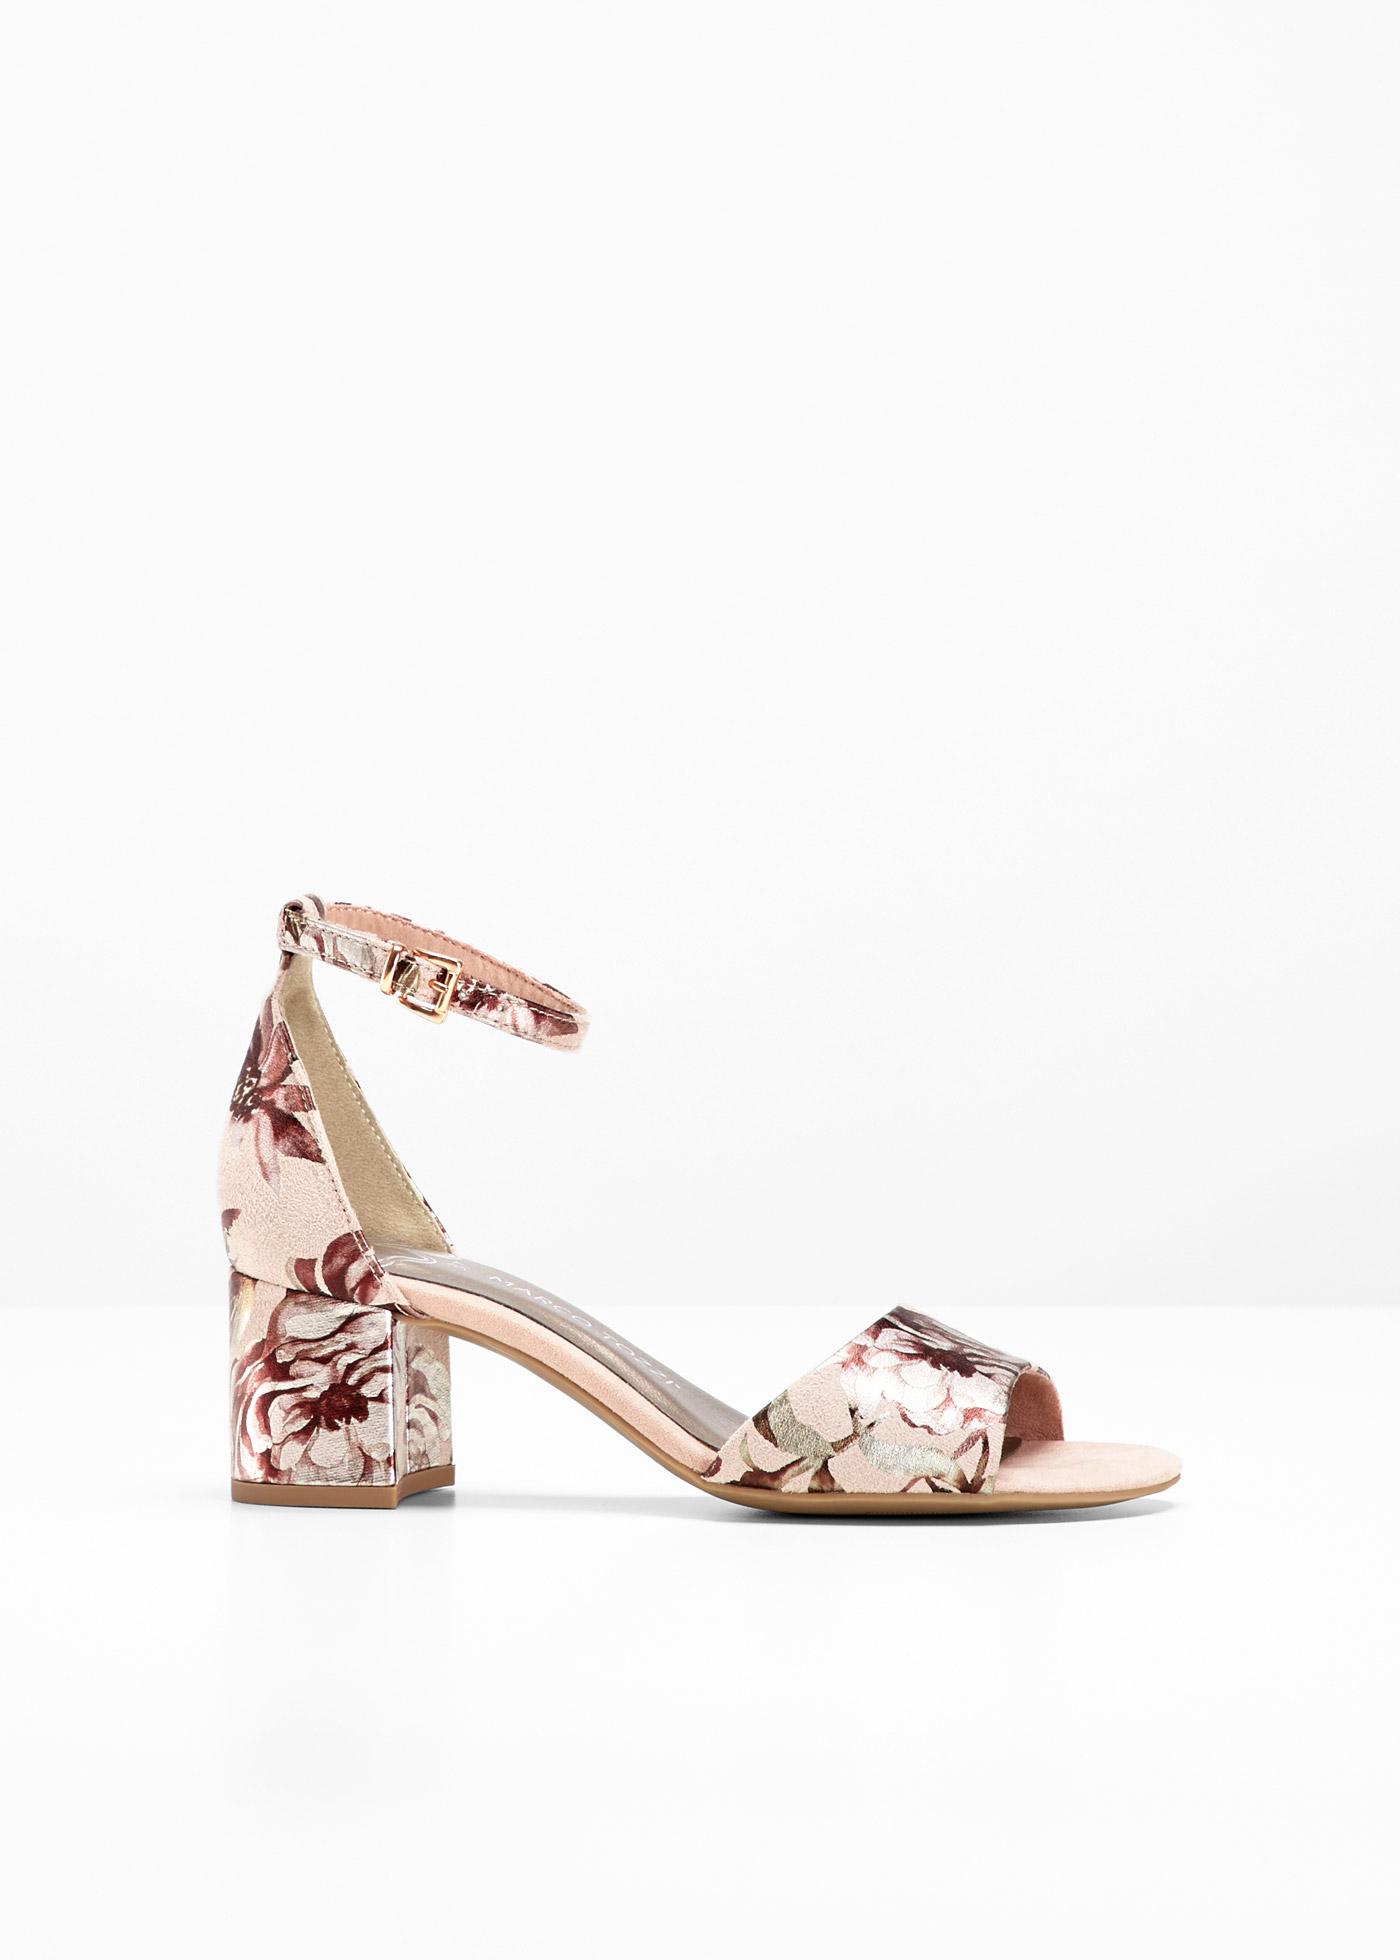 Sandalette von Marco Tozzi mit 5 cm Blockabsatz in rosa von bonprix